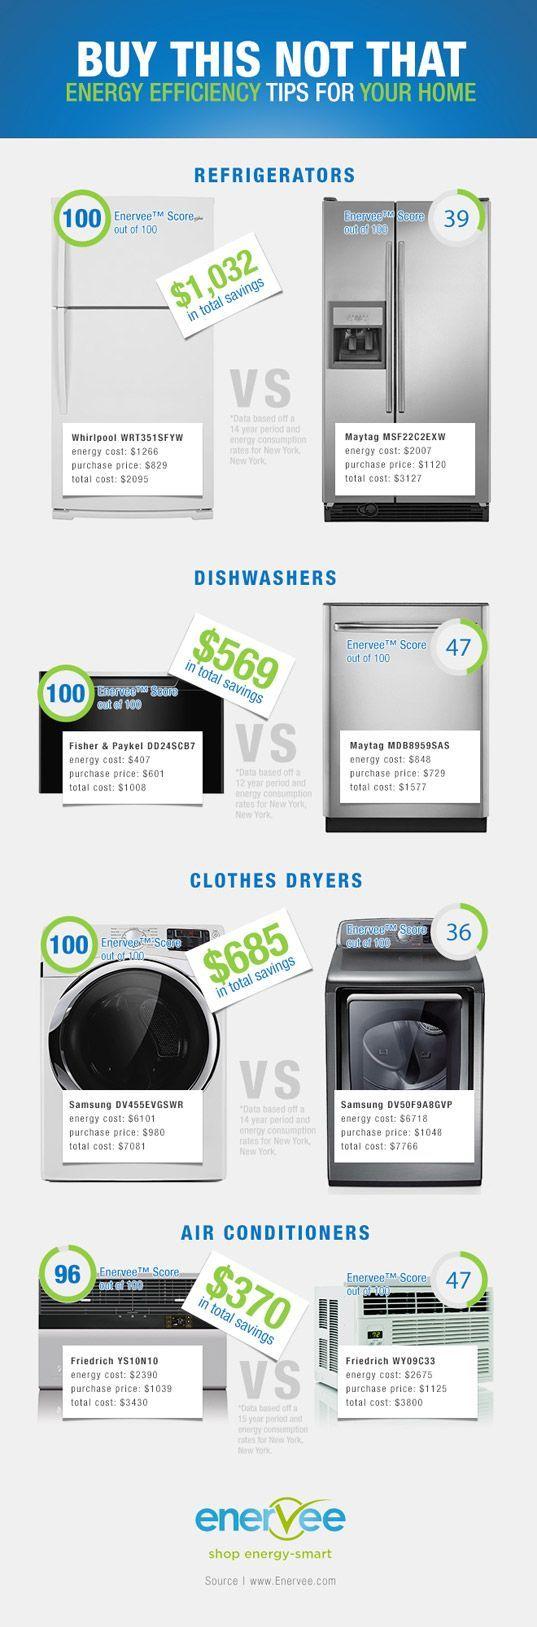 Enervee, energy efficiency, home appliances, green appliances, green design, sustainable design, efficient refrigerator, efficient dishwashe... Buying a Home #buyingahome #homebuyingtips